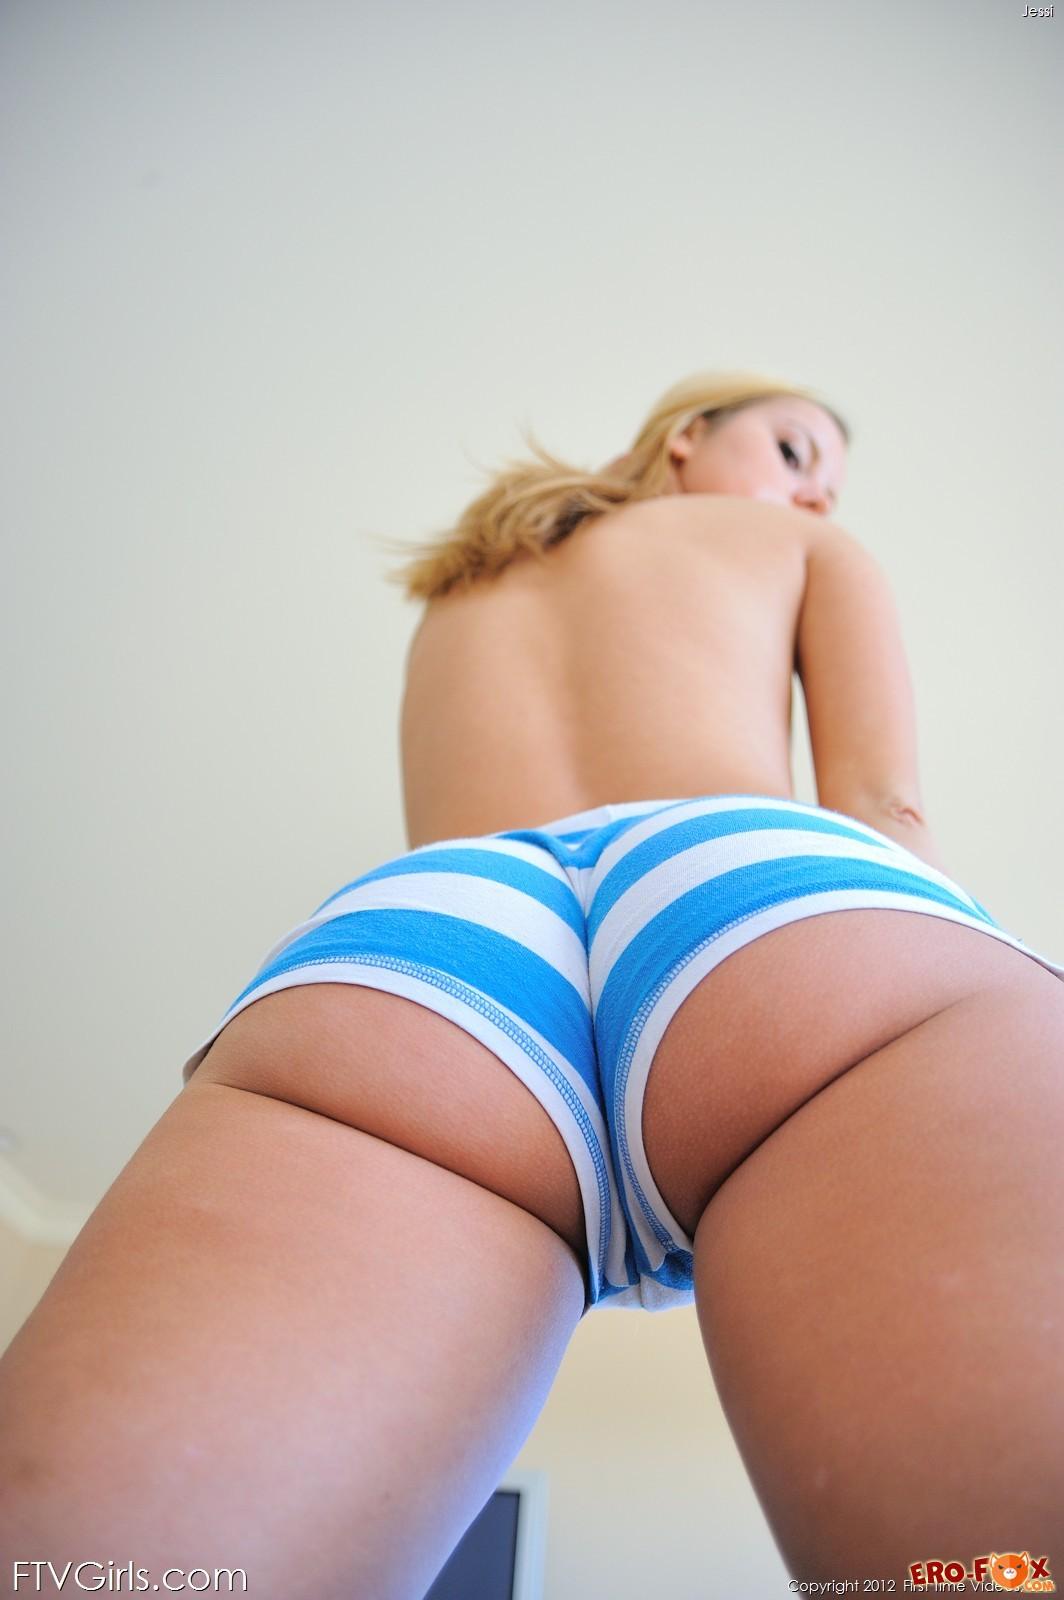 Девушка с пышной попкой в стрингах шортиках и голая - фото